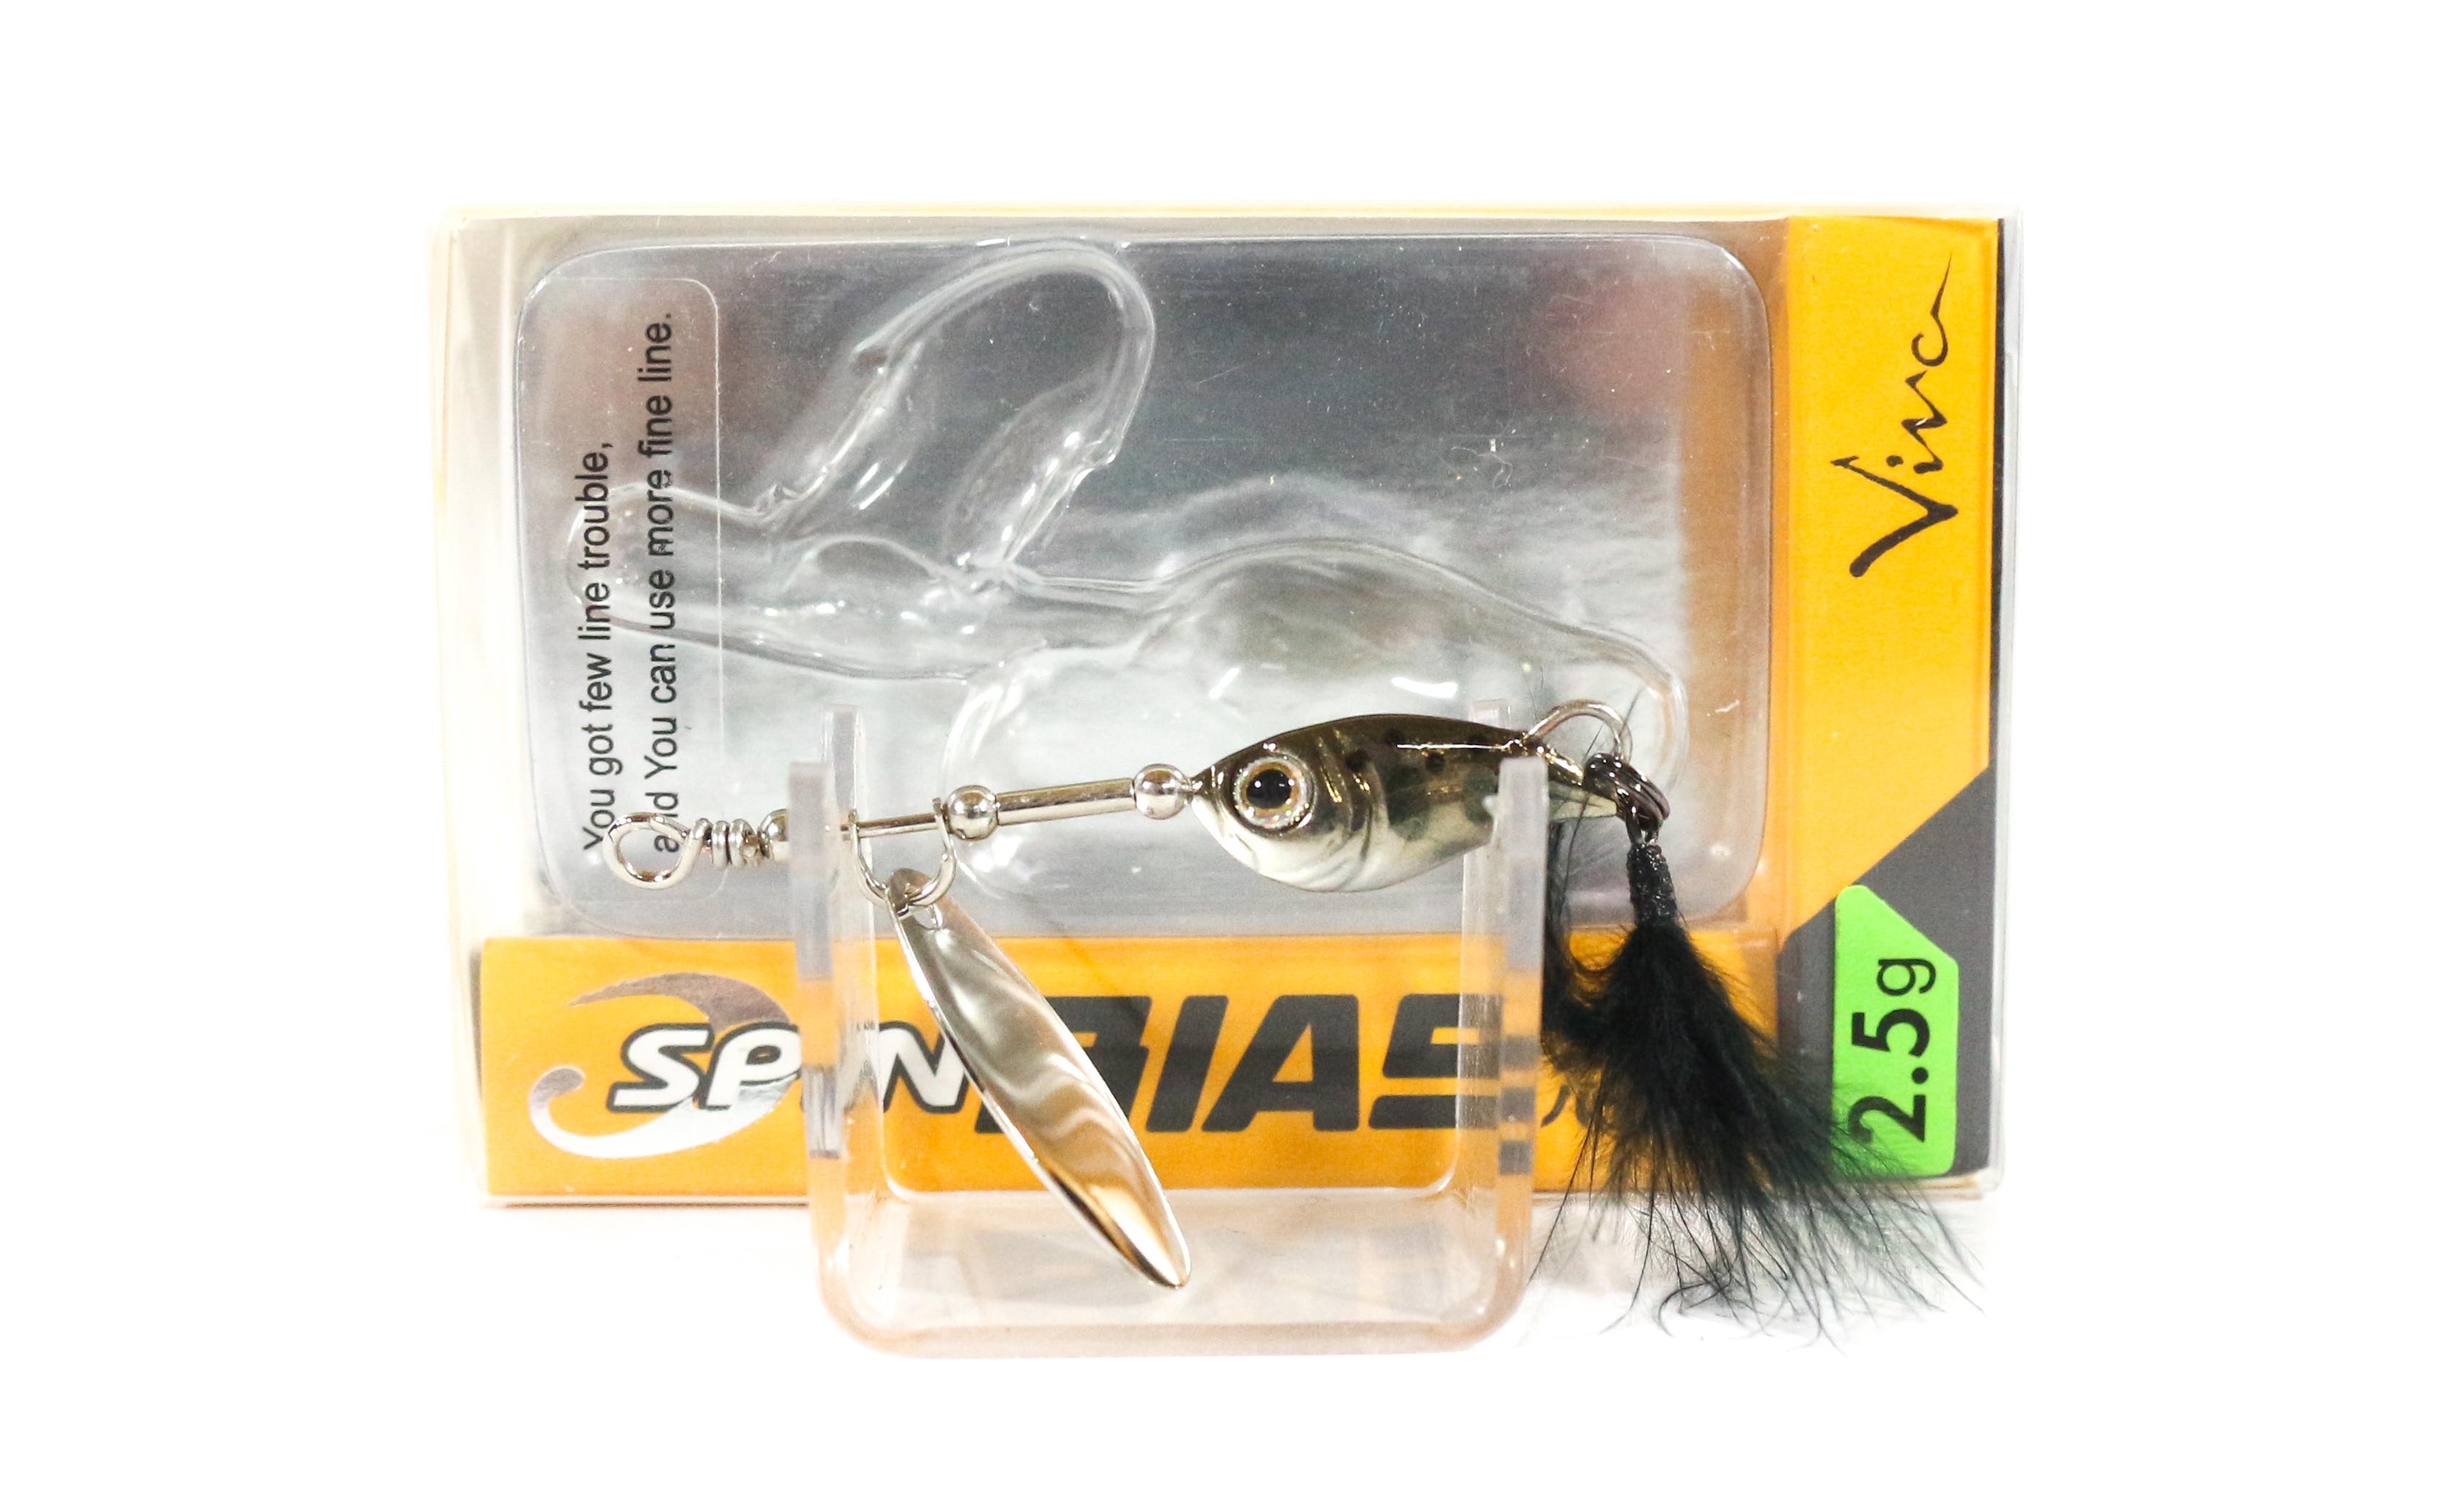 Viva Spin Bias 2.5 grams Spinner Bait Lure 7S (5888)